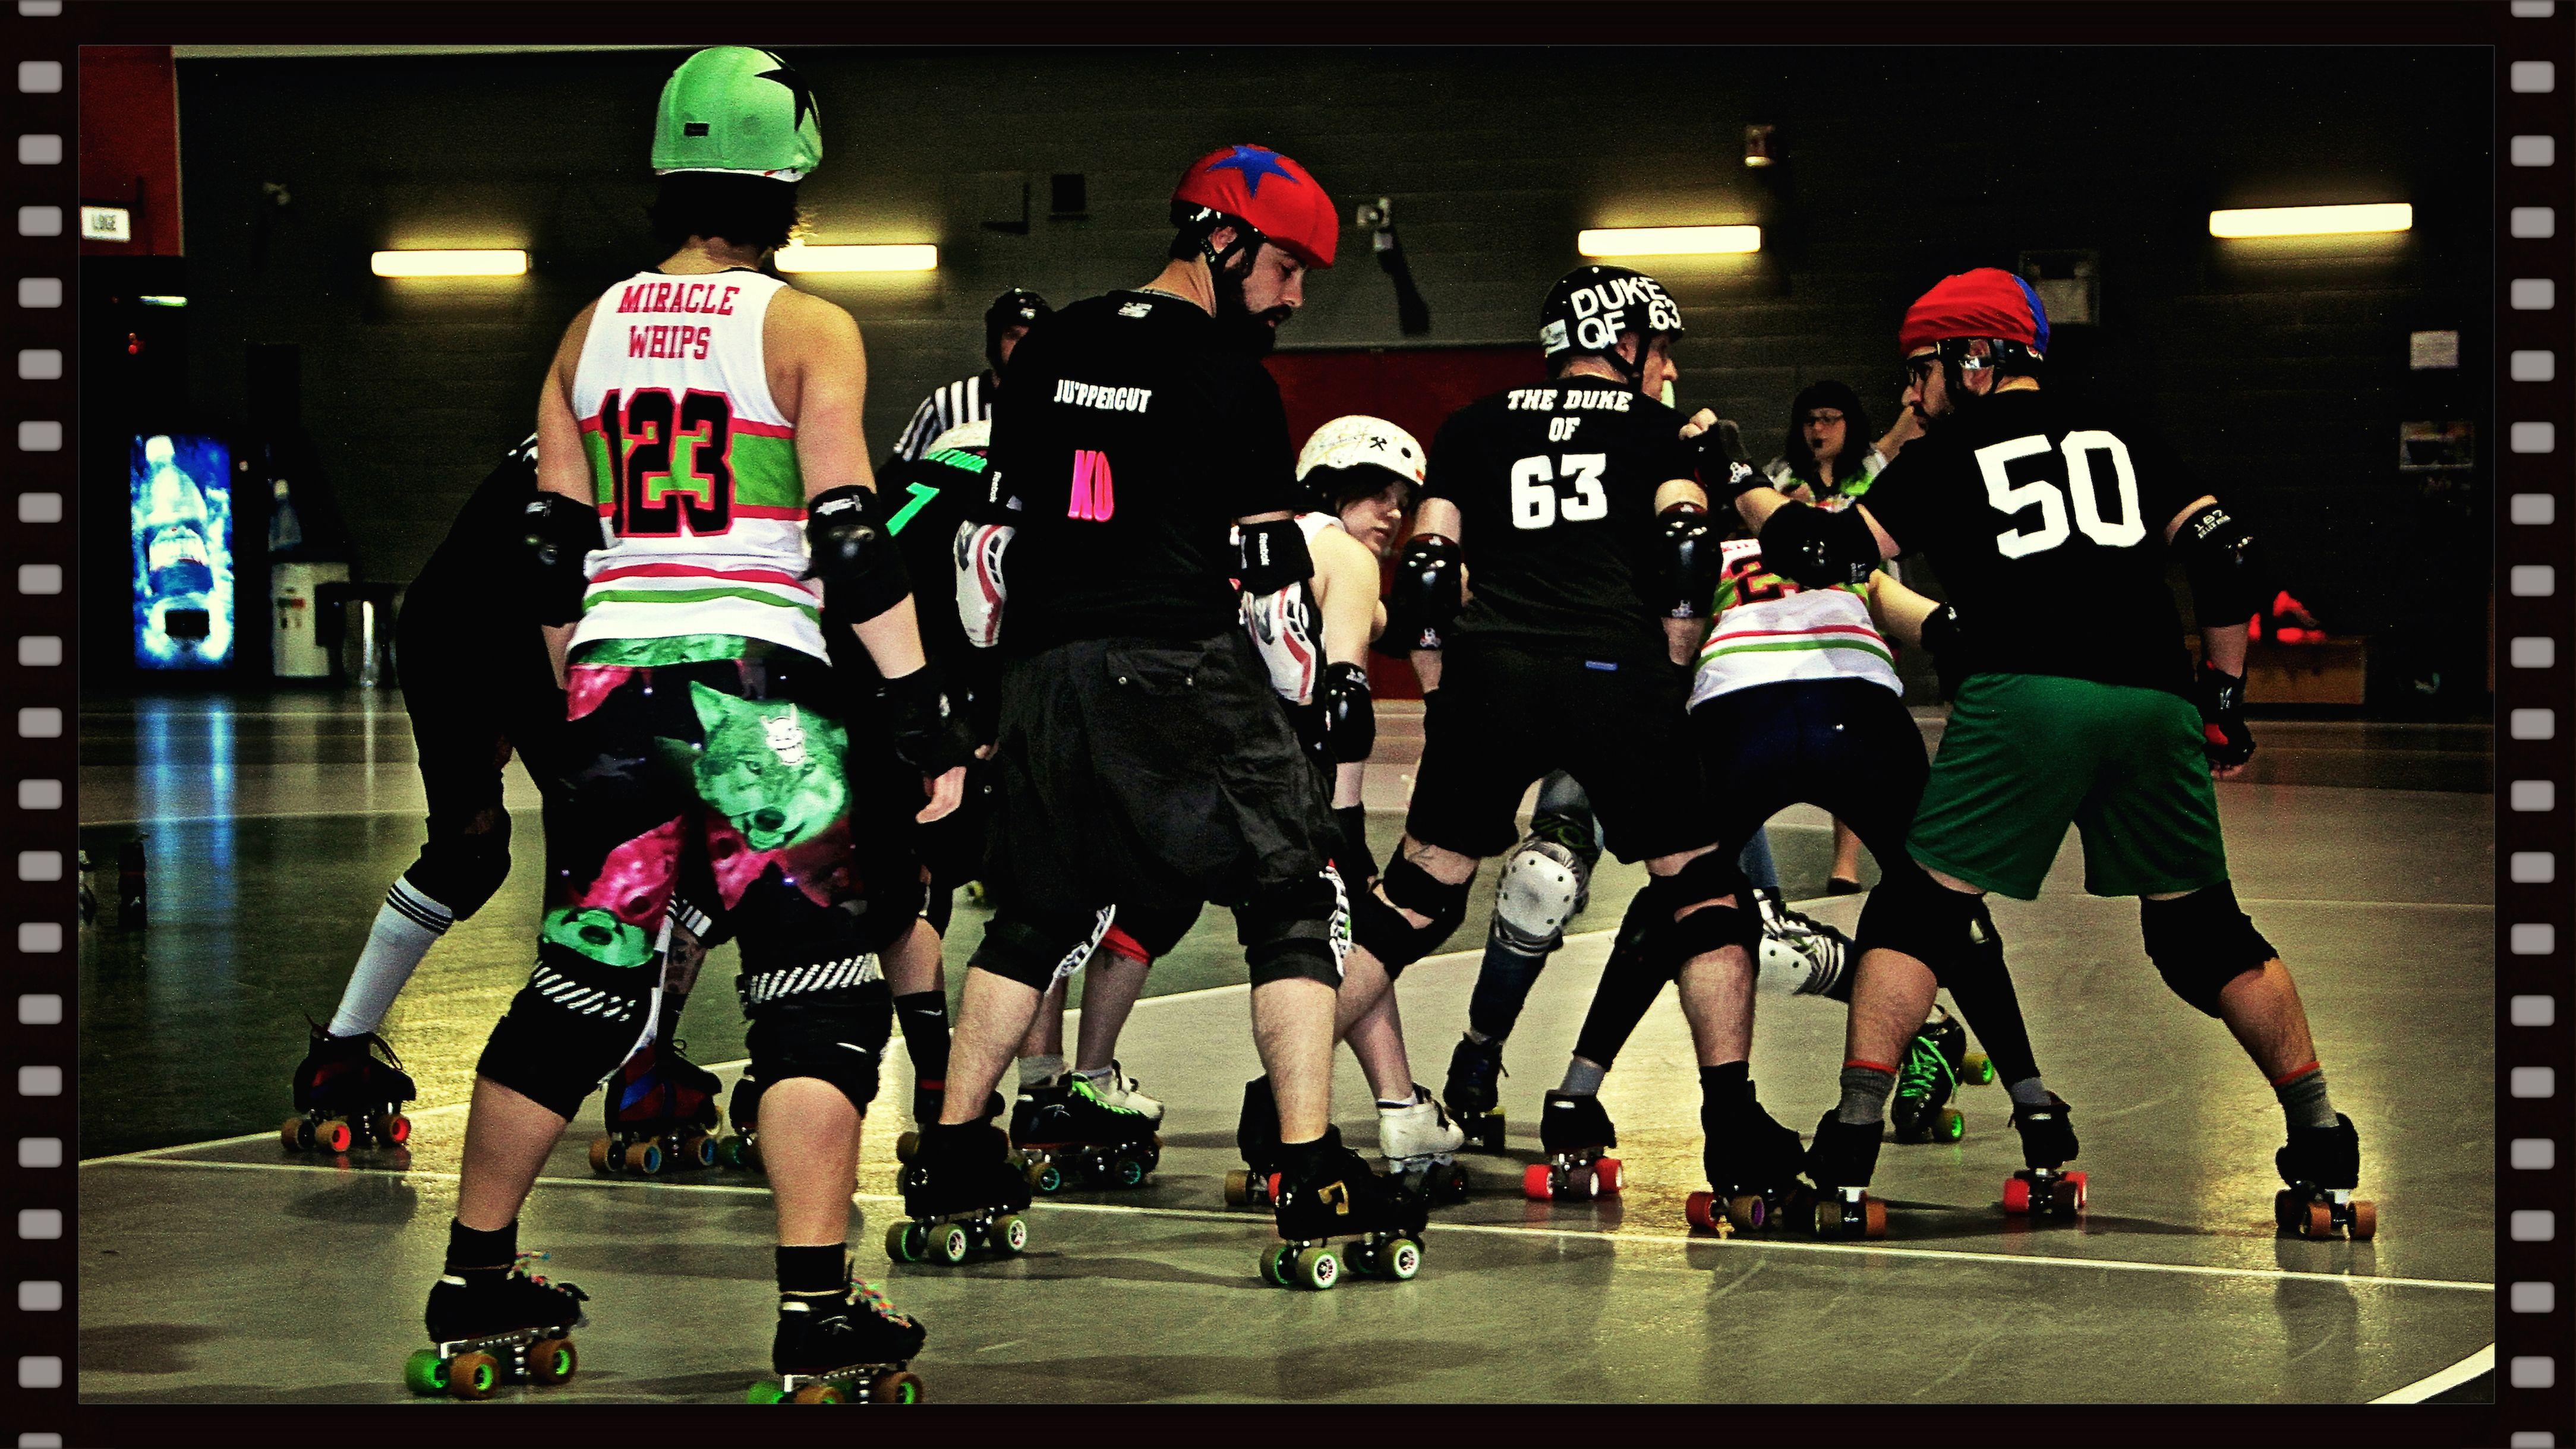 Roller skating montreal - 5 Second Roller Derby Men S Montr Al